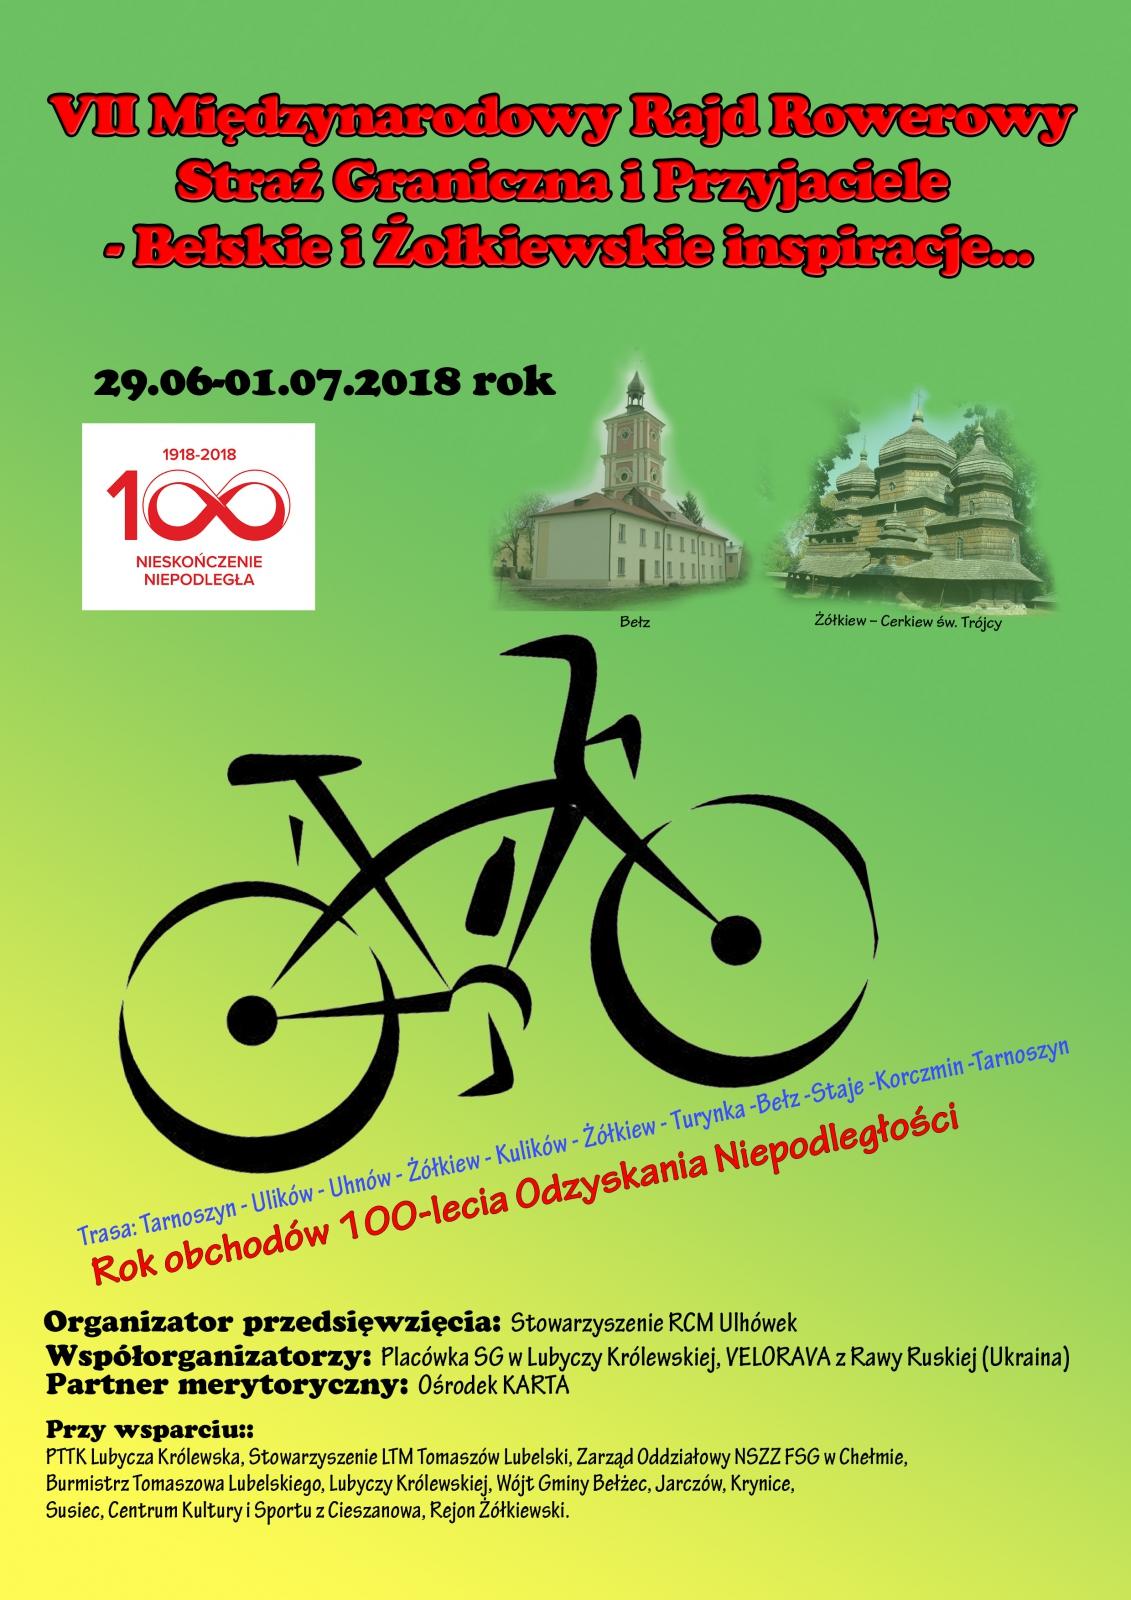 VII Międzynarodowy Rajd Rowerowy Straż Graniczna i Przyjaciele – Bełskie i Żółkiewskie